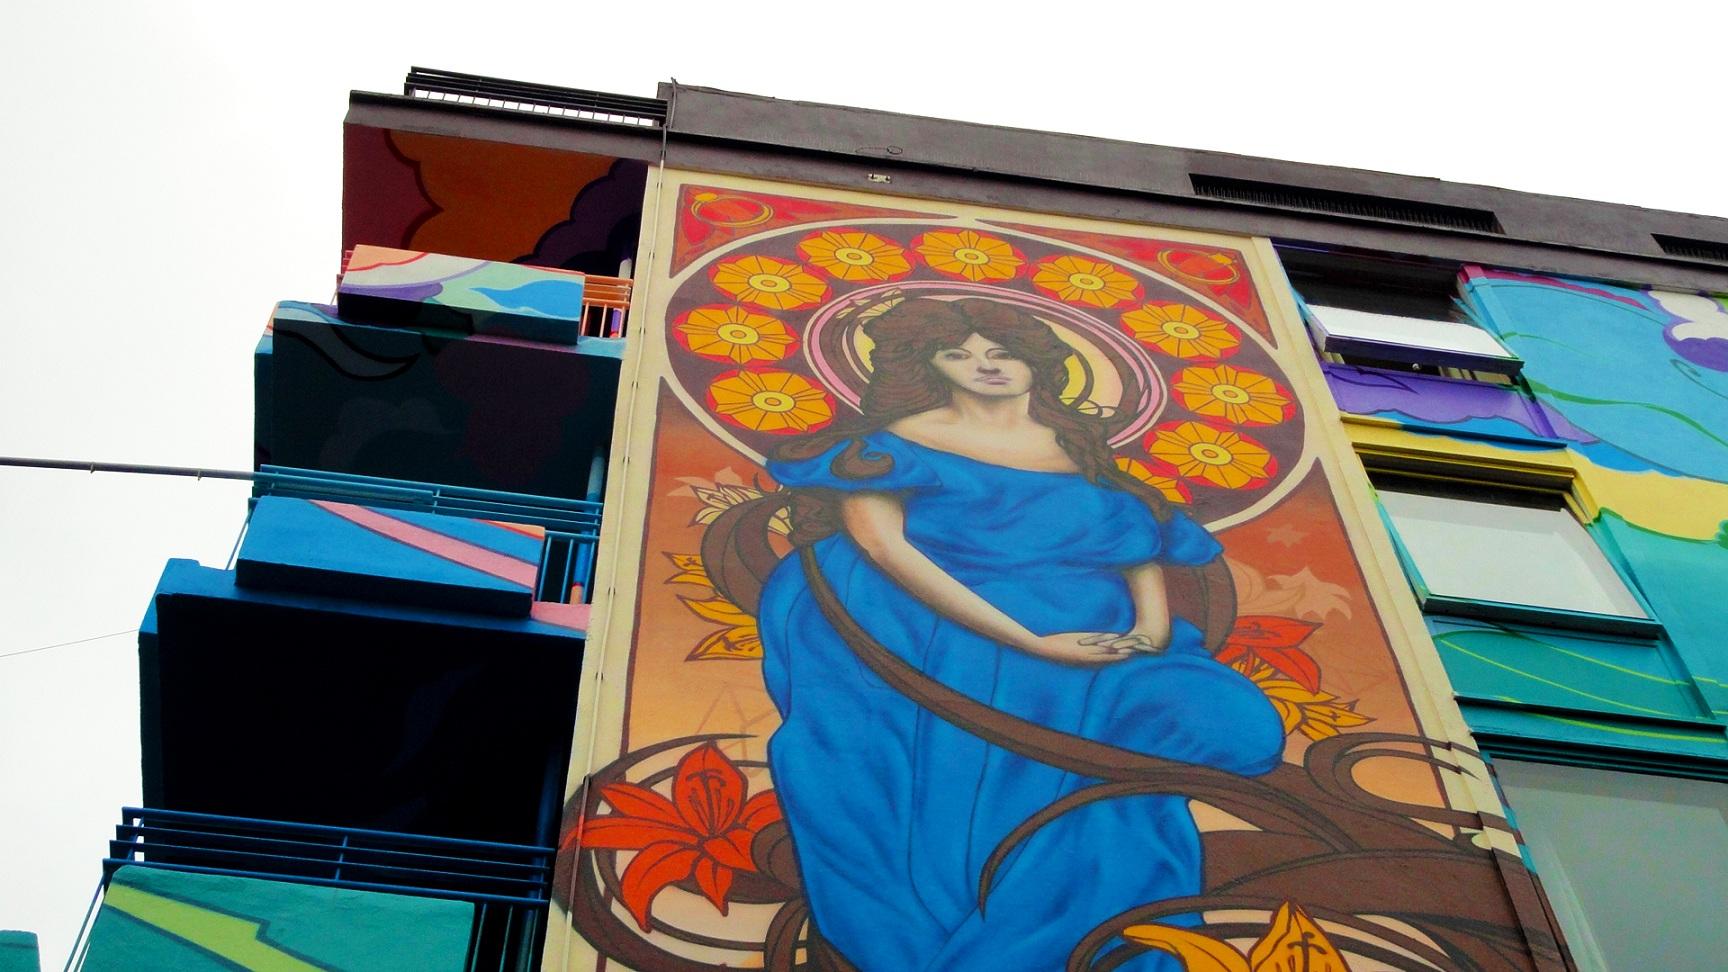 Dublin - Temple Bar - Clin d'oeil à l'Ulysse de James Joyce